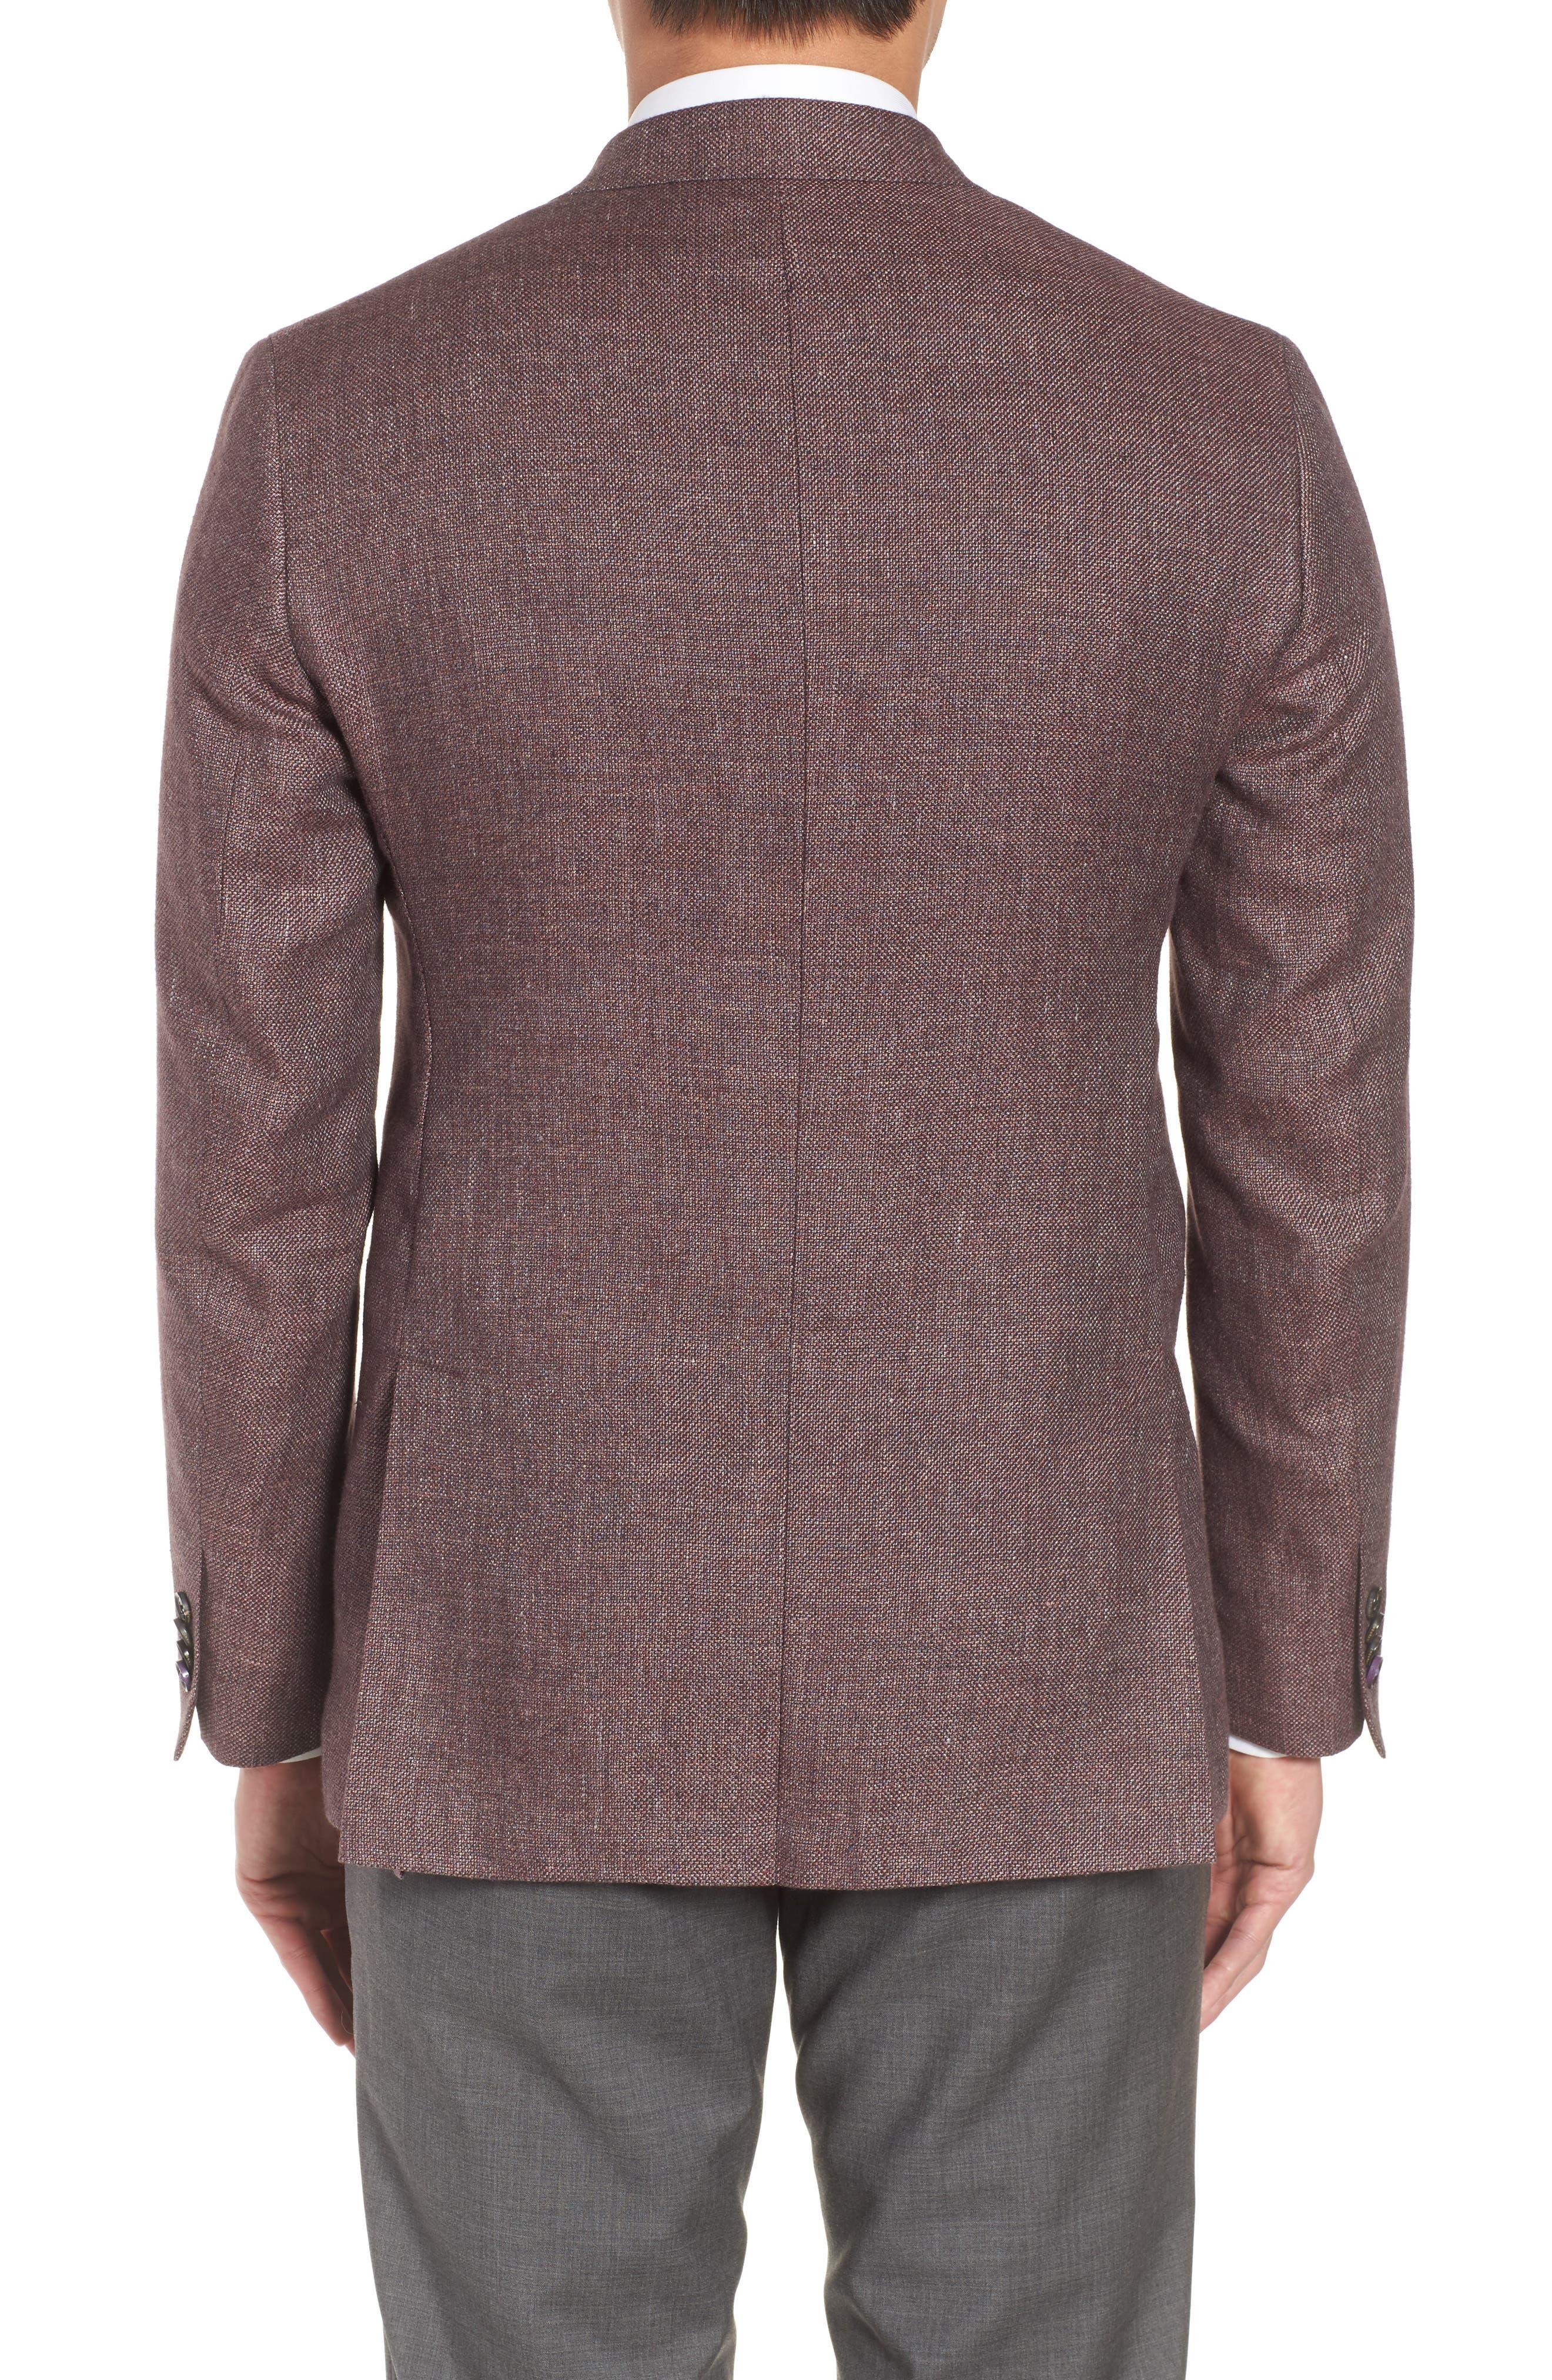 Kyle Trim Fit Linen & Wool Blazer,                             Alternate thumbnail 2, color,                             Light Brick